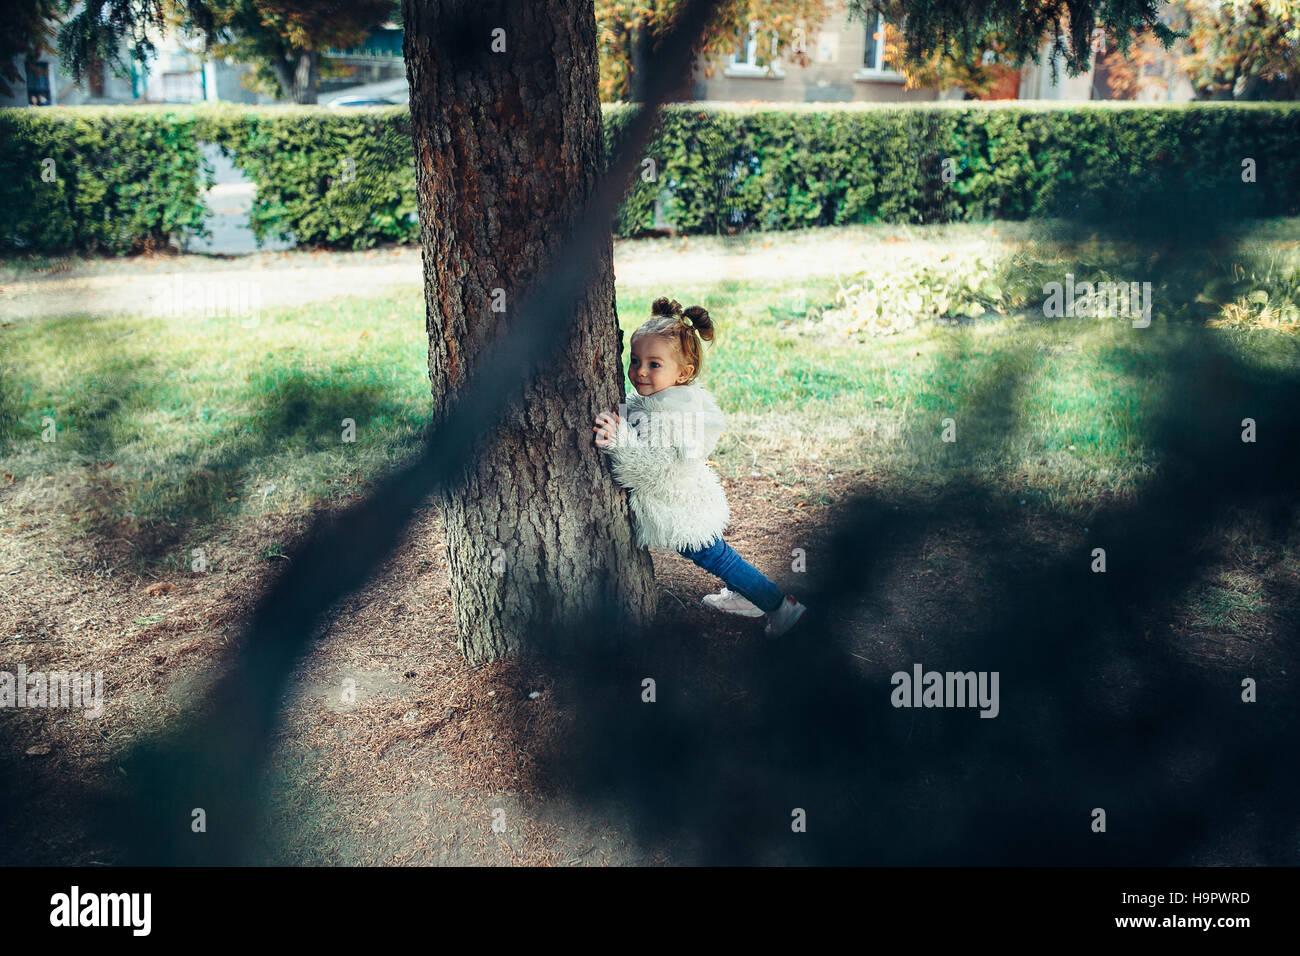 Niedliche kleine Mädchen spielt im freien Stockbild